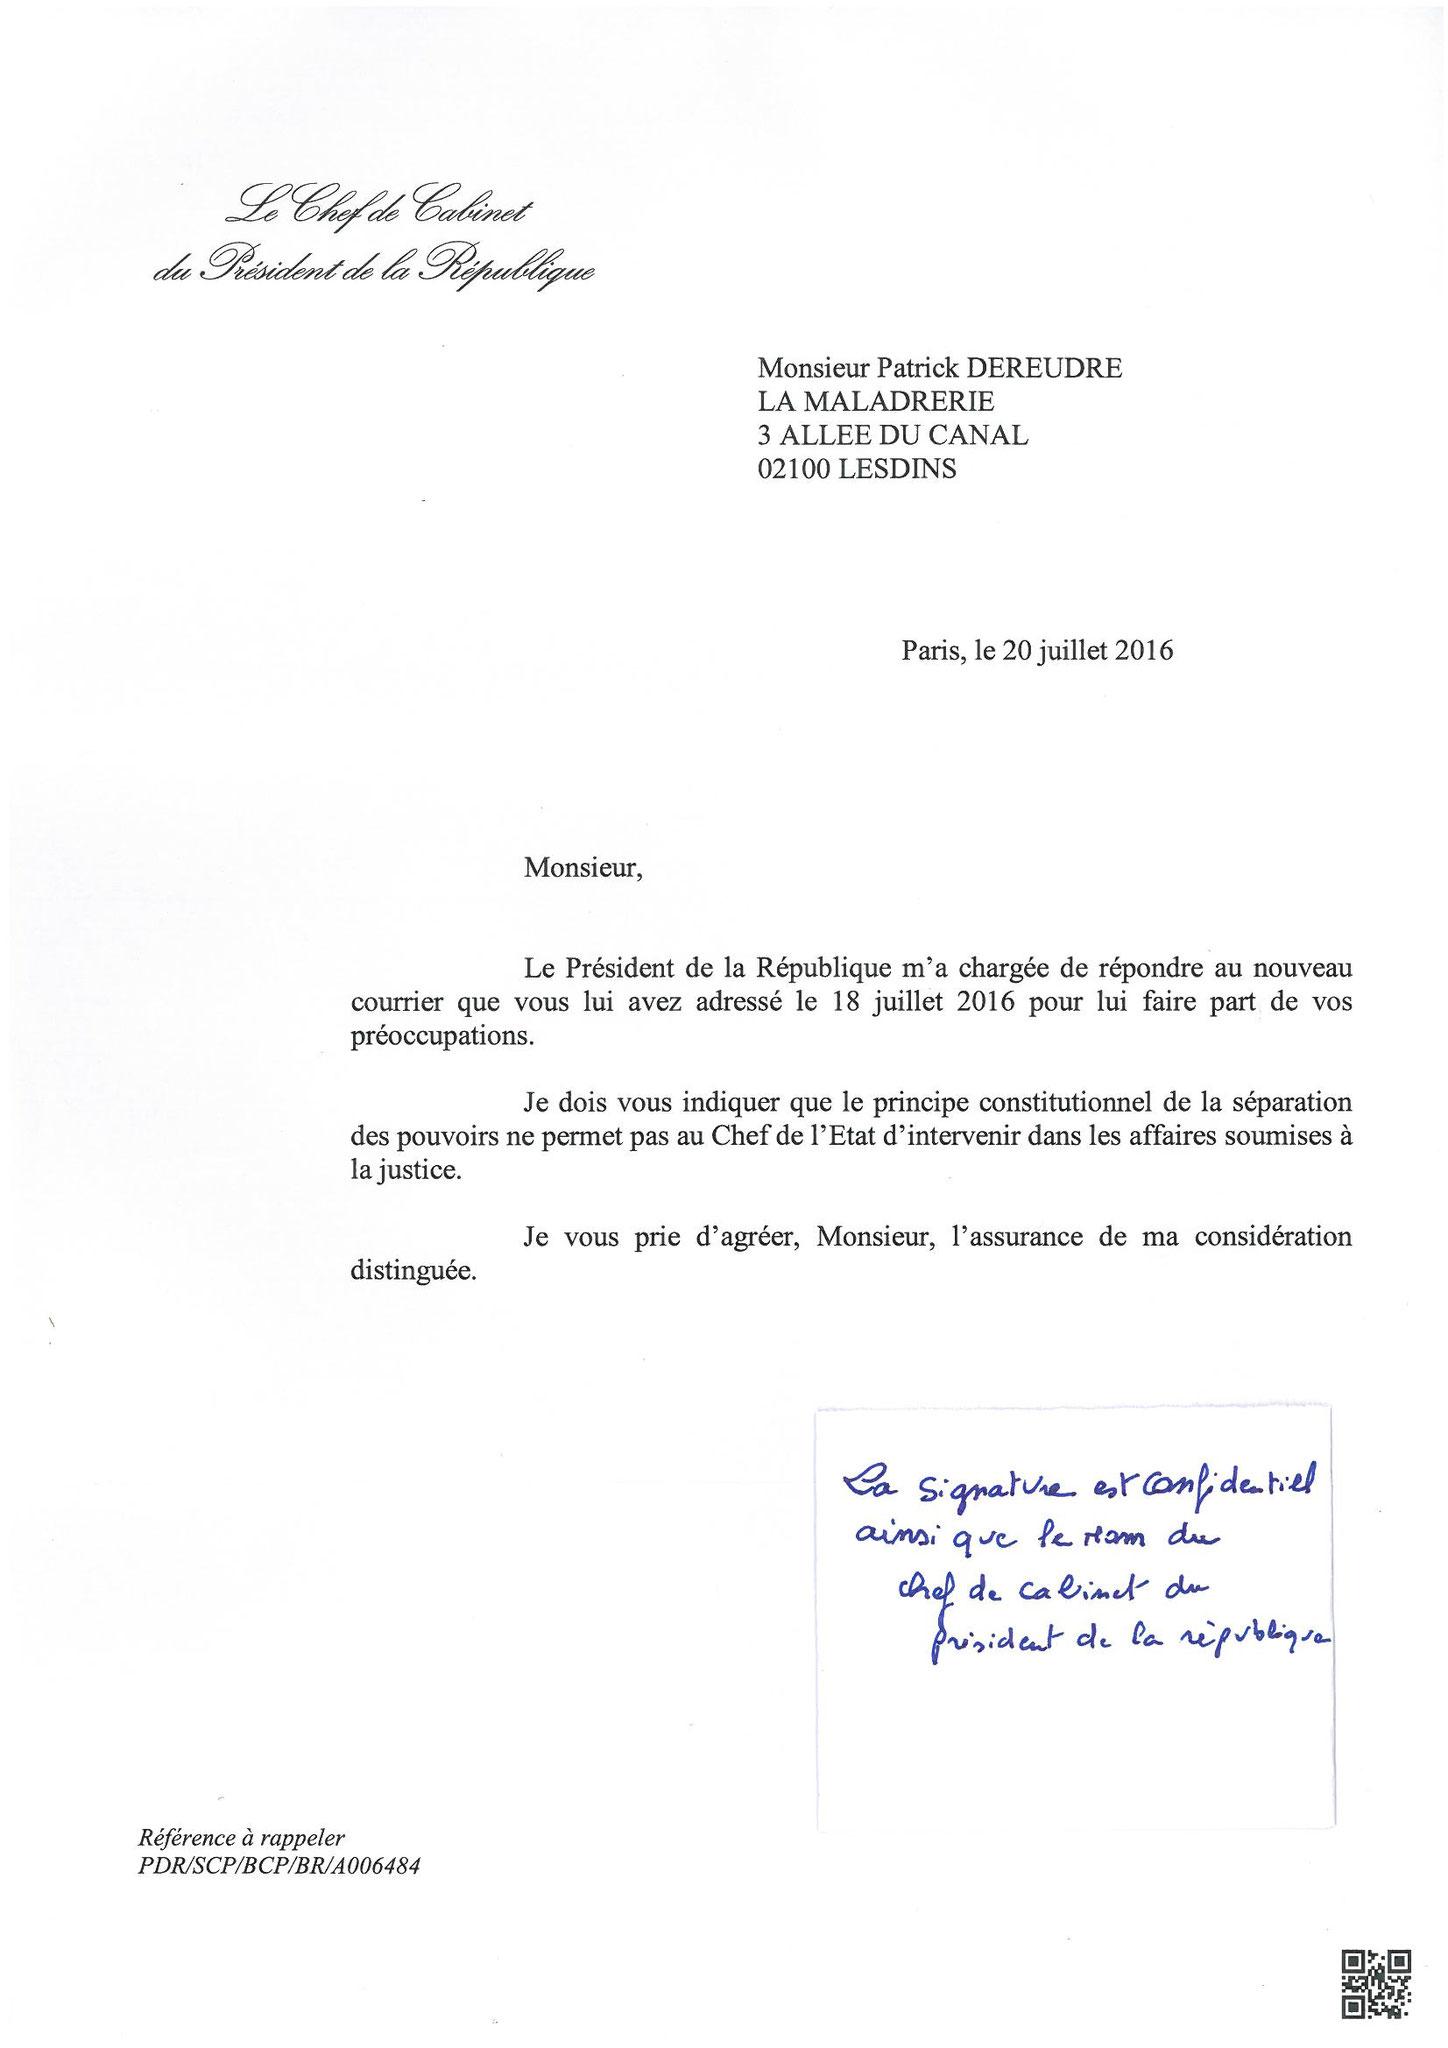 Réponse du Cabinet Présidentiel Courrier du 20 Juillet 2016 site www.maisonnonconforme.fr